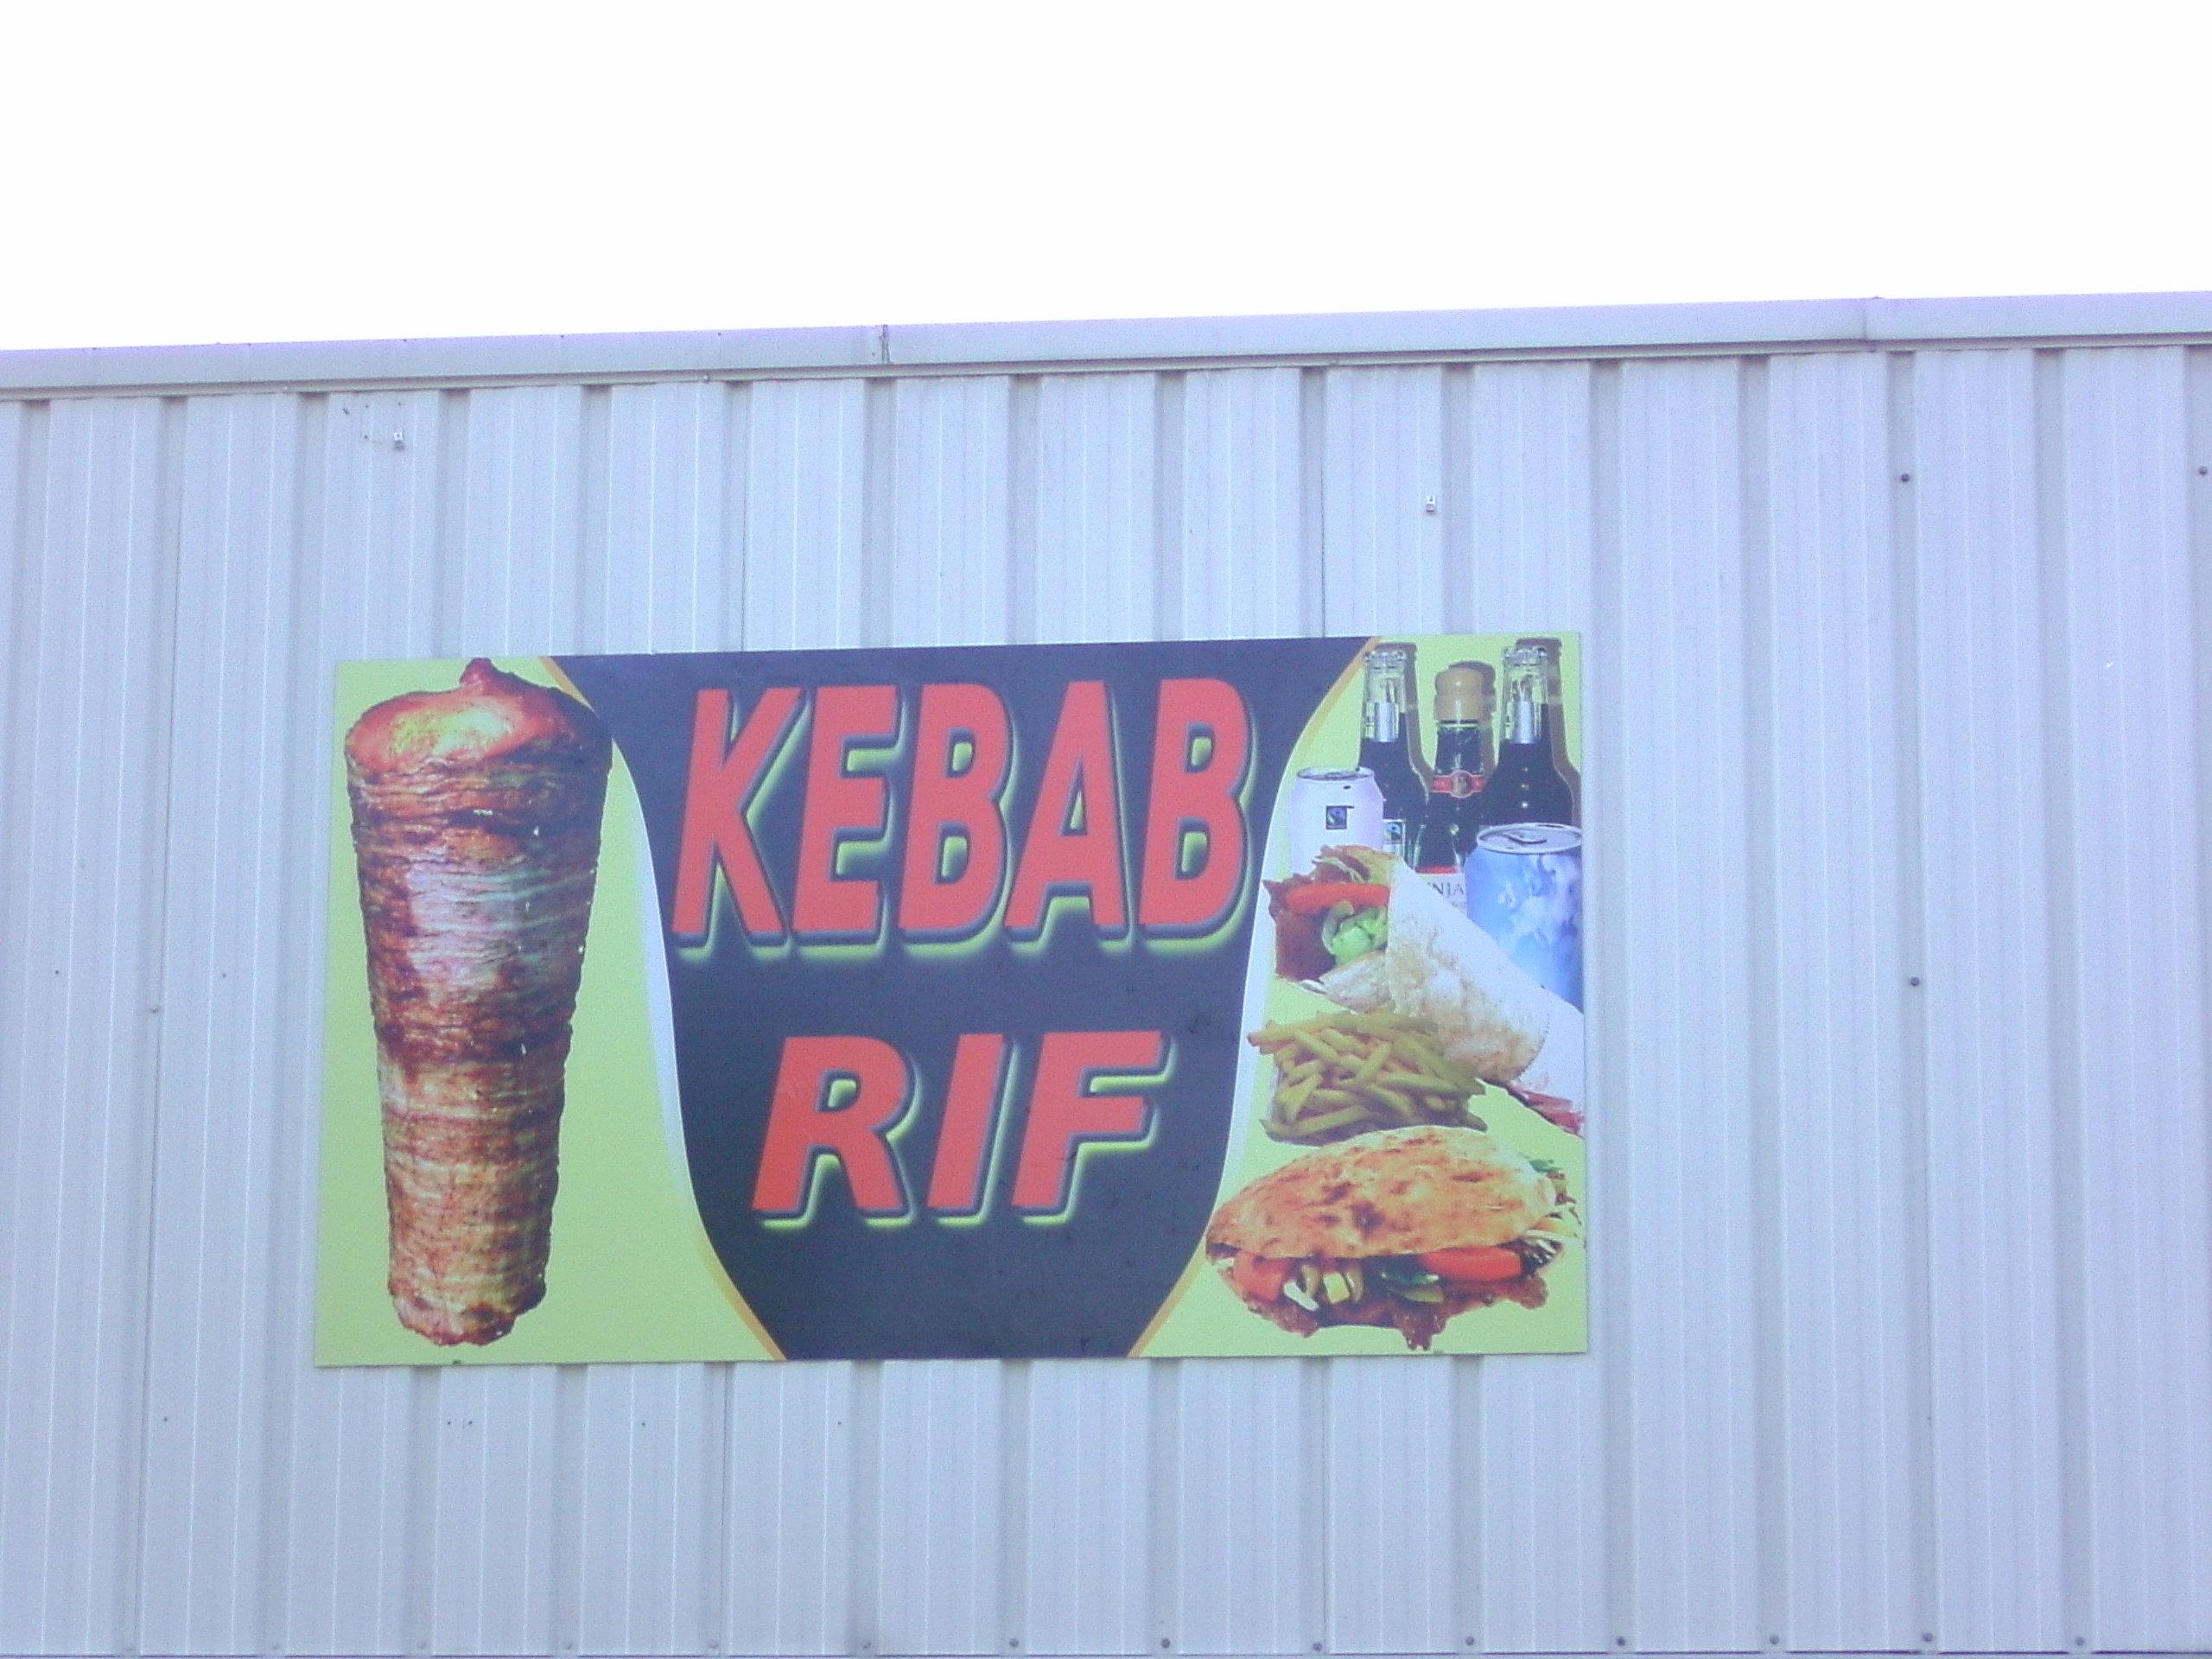 Kebab Rif